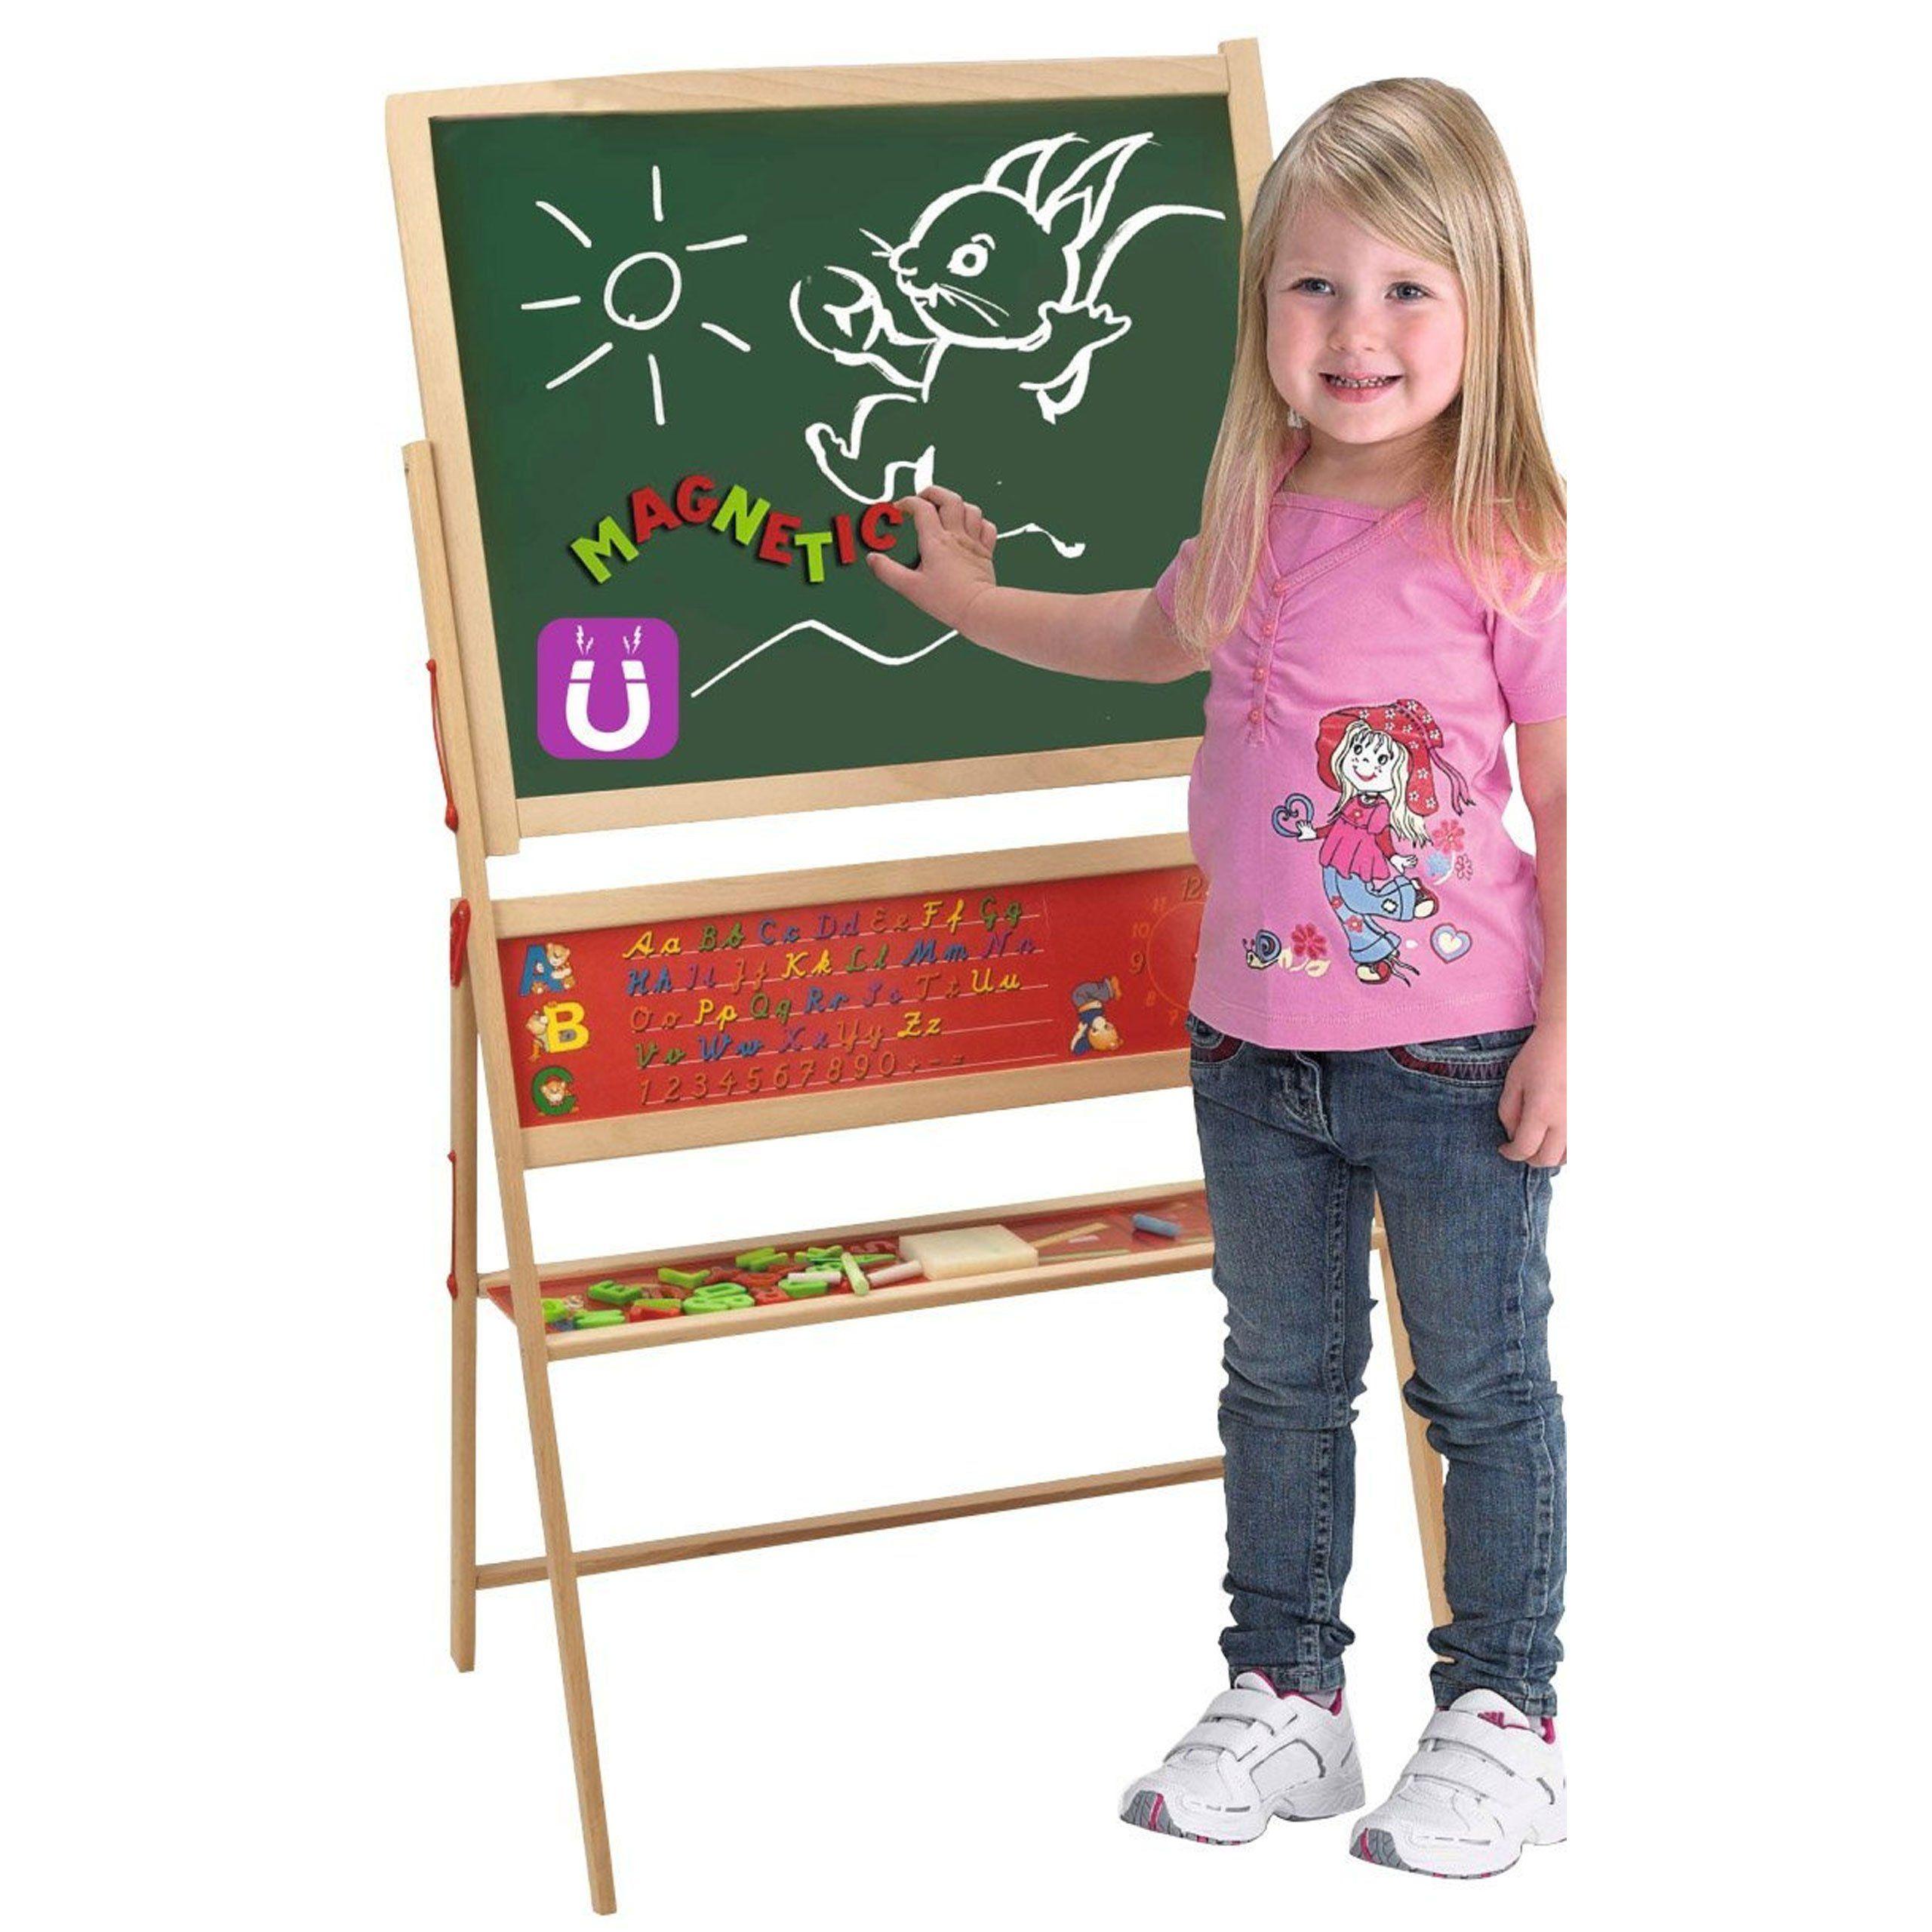 Duza Drewniana Tablica Magnetyczno Kredowa Dla Dzieci Eichhorn Brykacze Pl Internetowy Sklep Z Zabawkami Dla Dzieci Kids Rugs Magnetic Memo Board Toy Chest